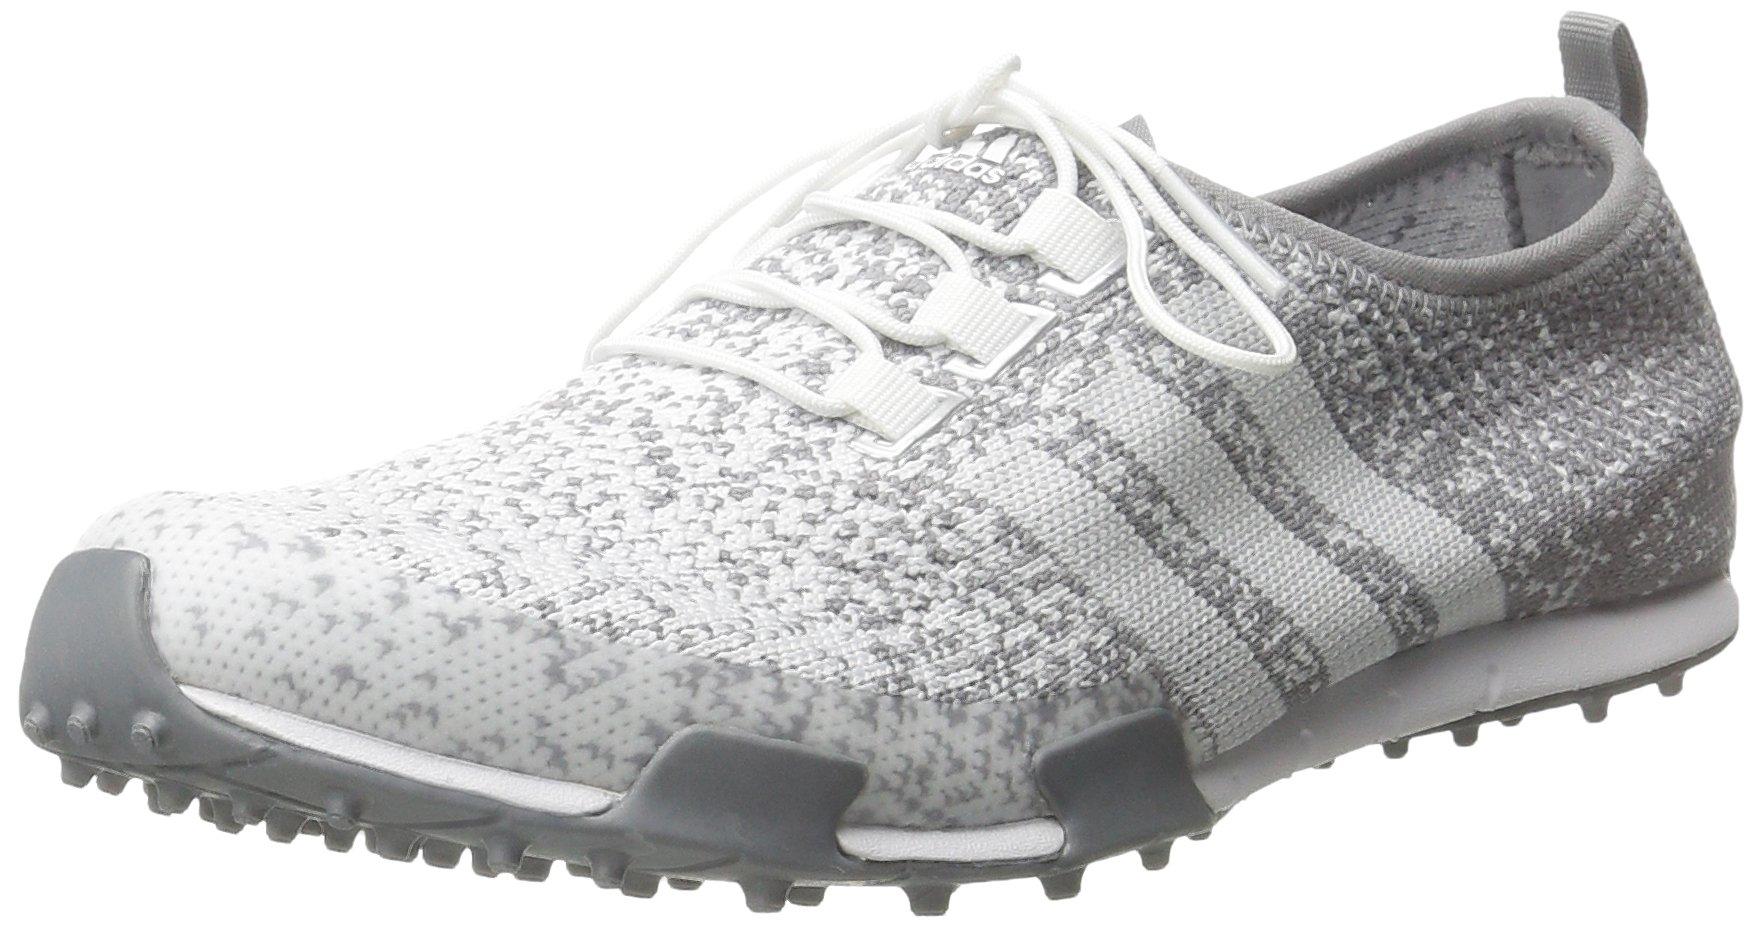 adidas Women's Ballerina Primeknit Golf Spikeless, FTWR White/Light Onix/Silver Metallic,7.5 M US